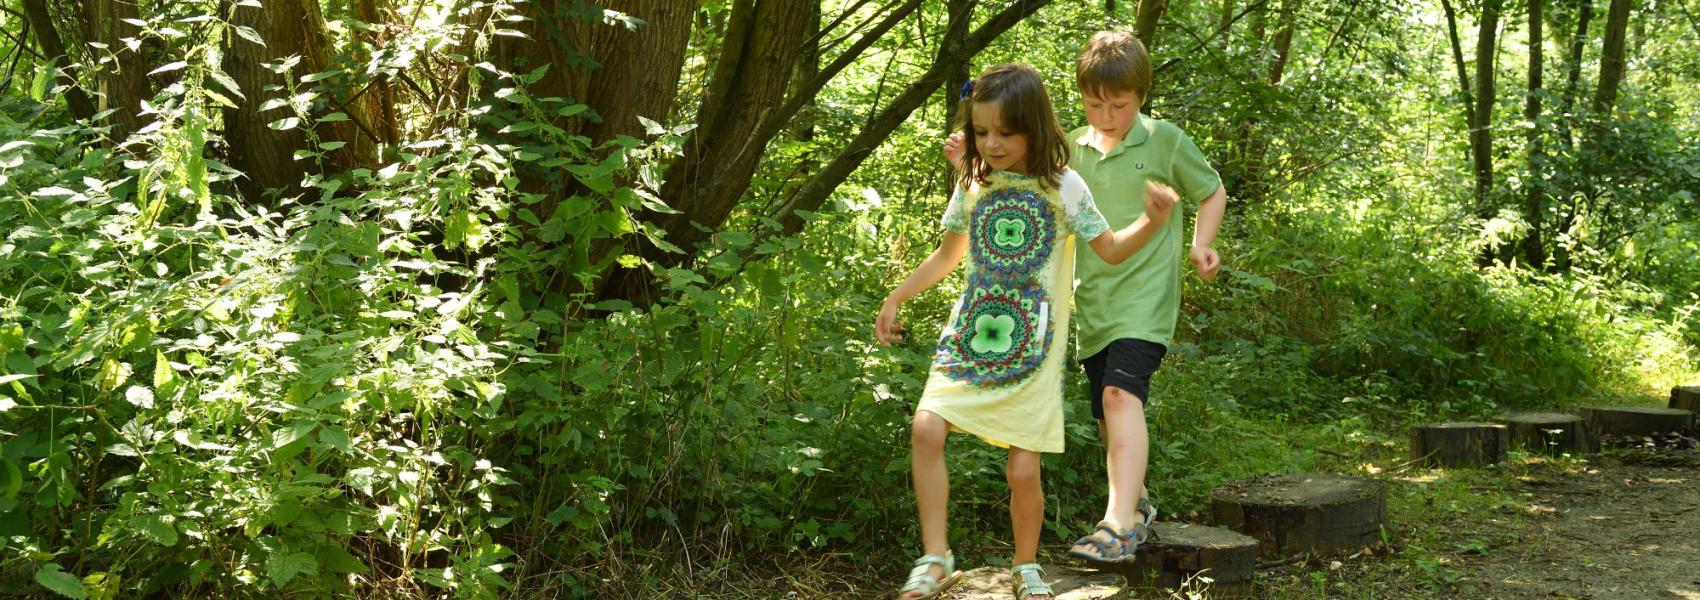 Kinderen lopen op boomstammetjes